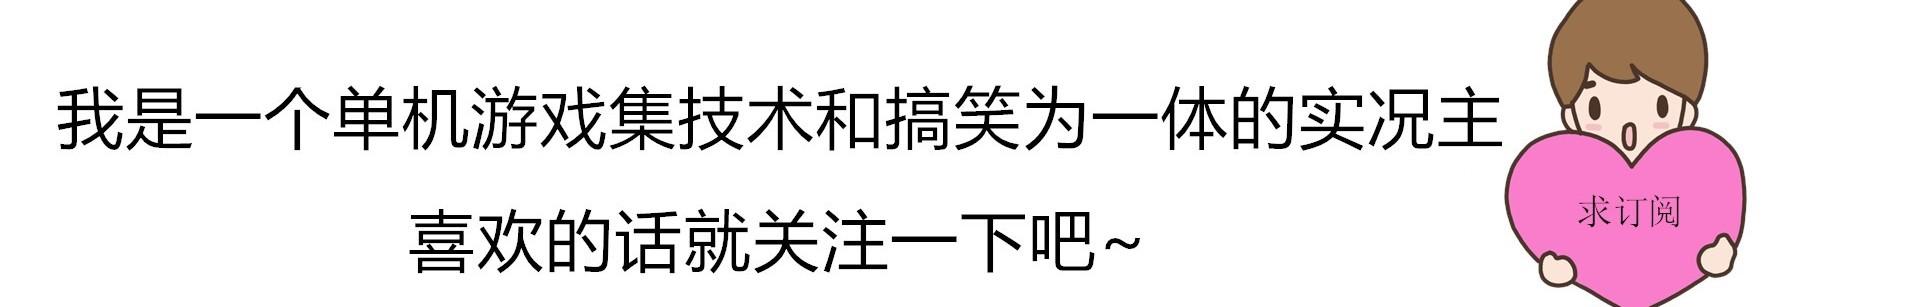 一方YiFang banner